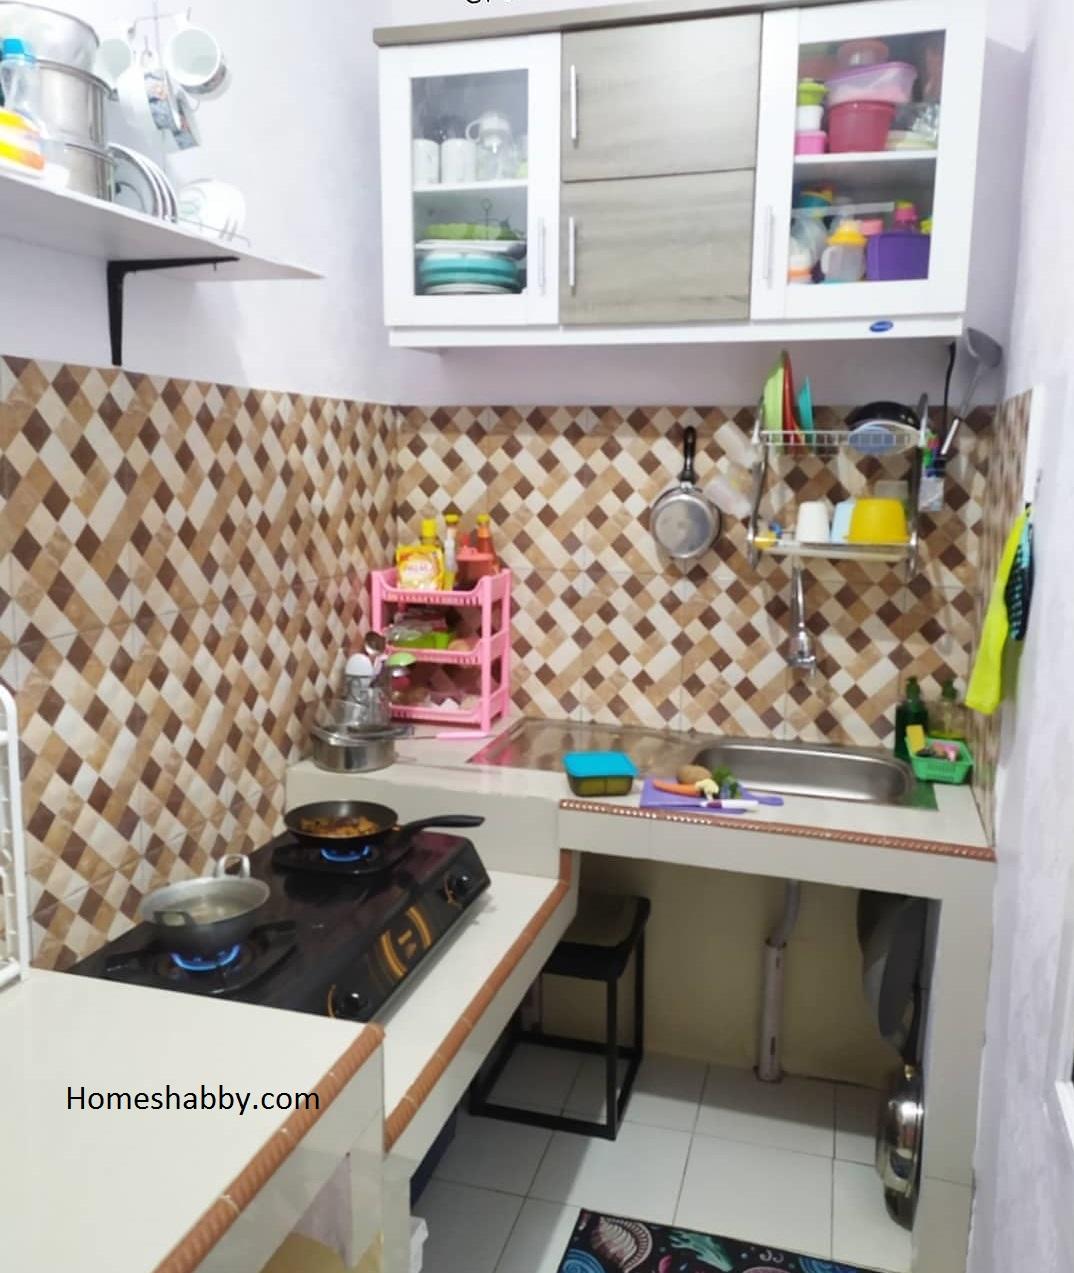 Referensi Terbaru Buat Anda 6 Desain Dapur Minimalis Type 36 Homeshabby Com Design Home Plans Home Decorating And Interior Design Dapur ukuran 2x2 meter